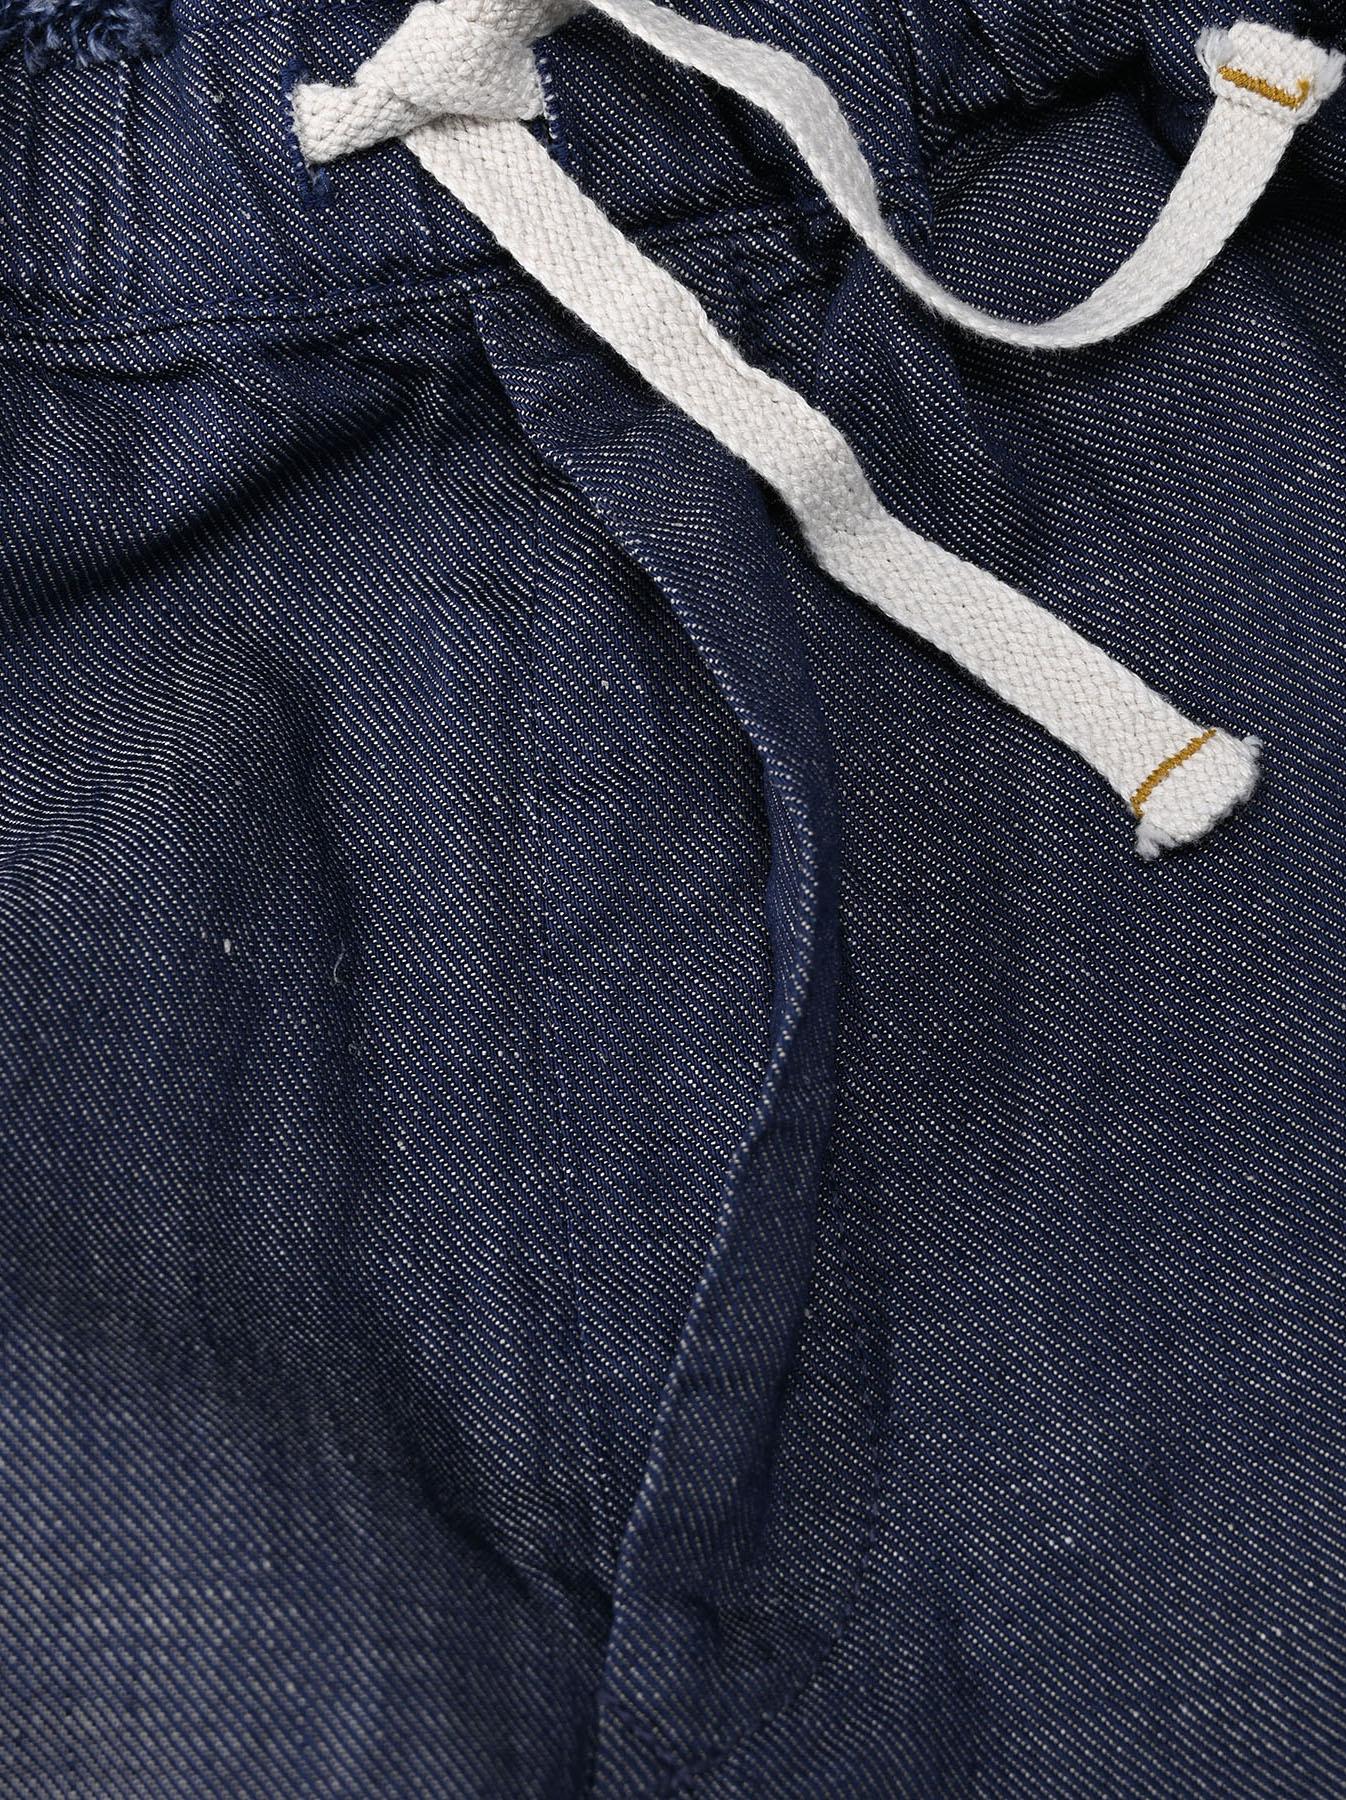 Indigo Cotton Linen Zakkuri Denim Easy Pants (0521)-7